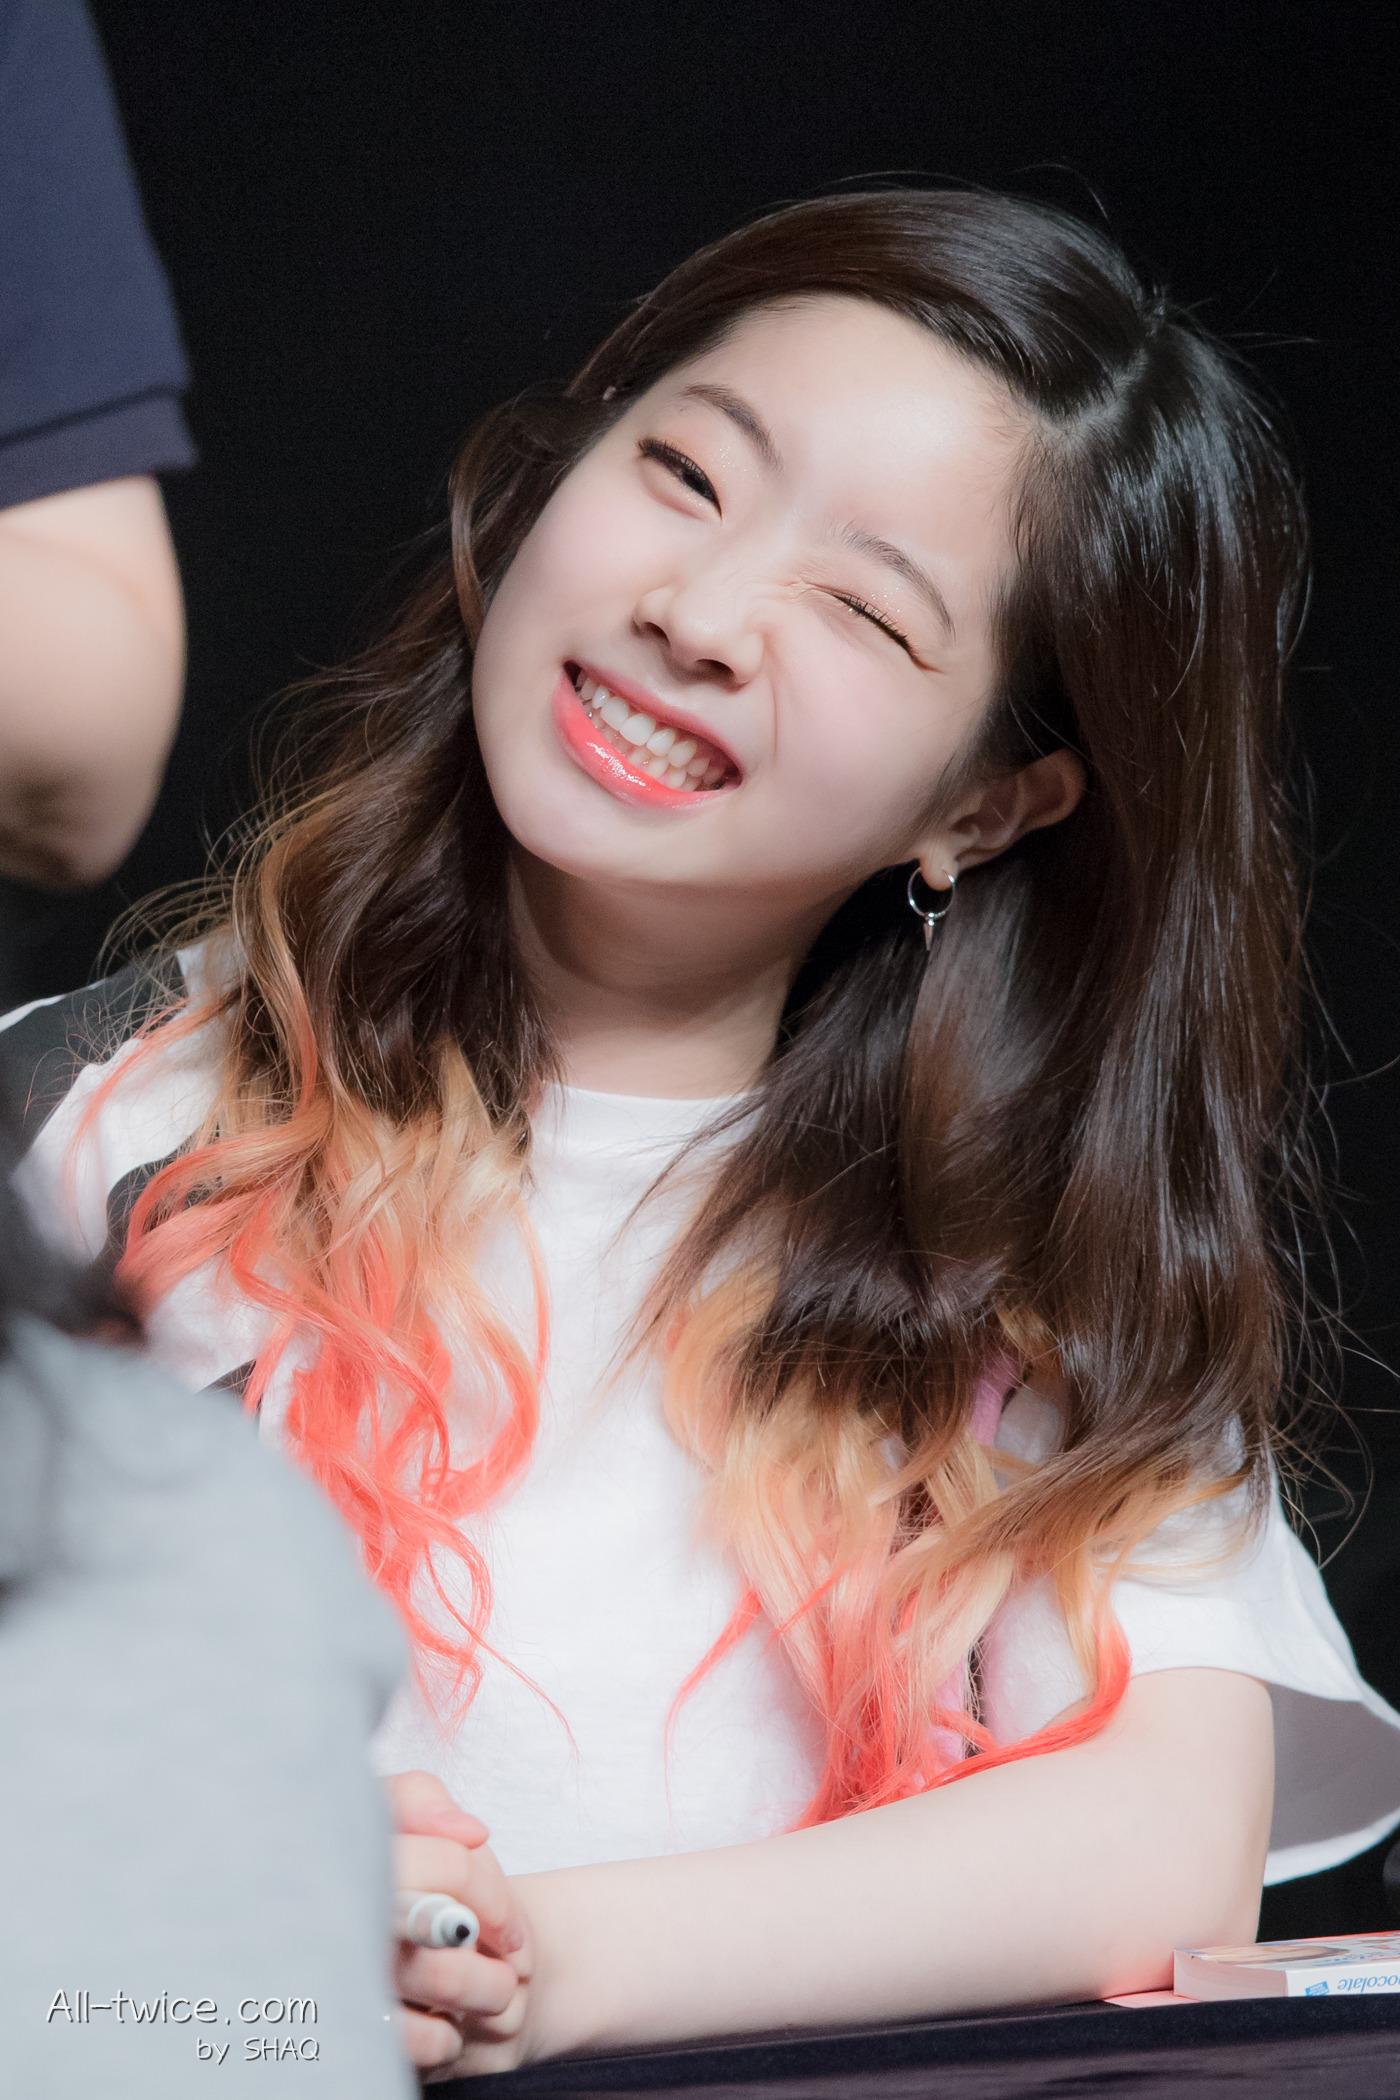 asiachan/Twice/Kim Dahyun Images